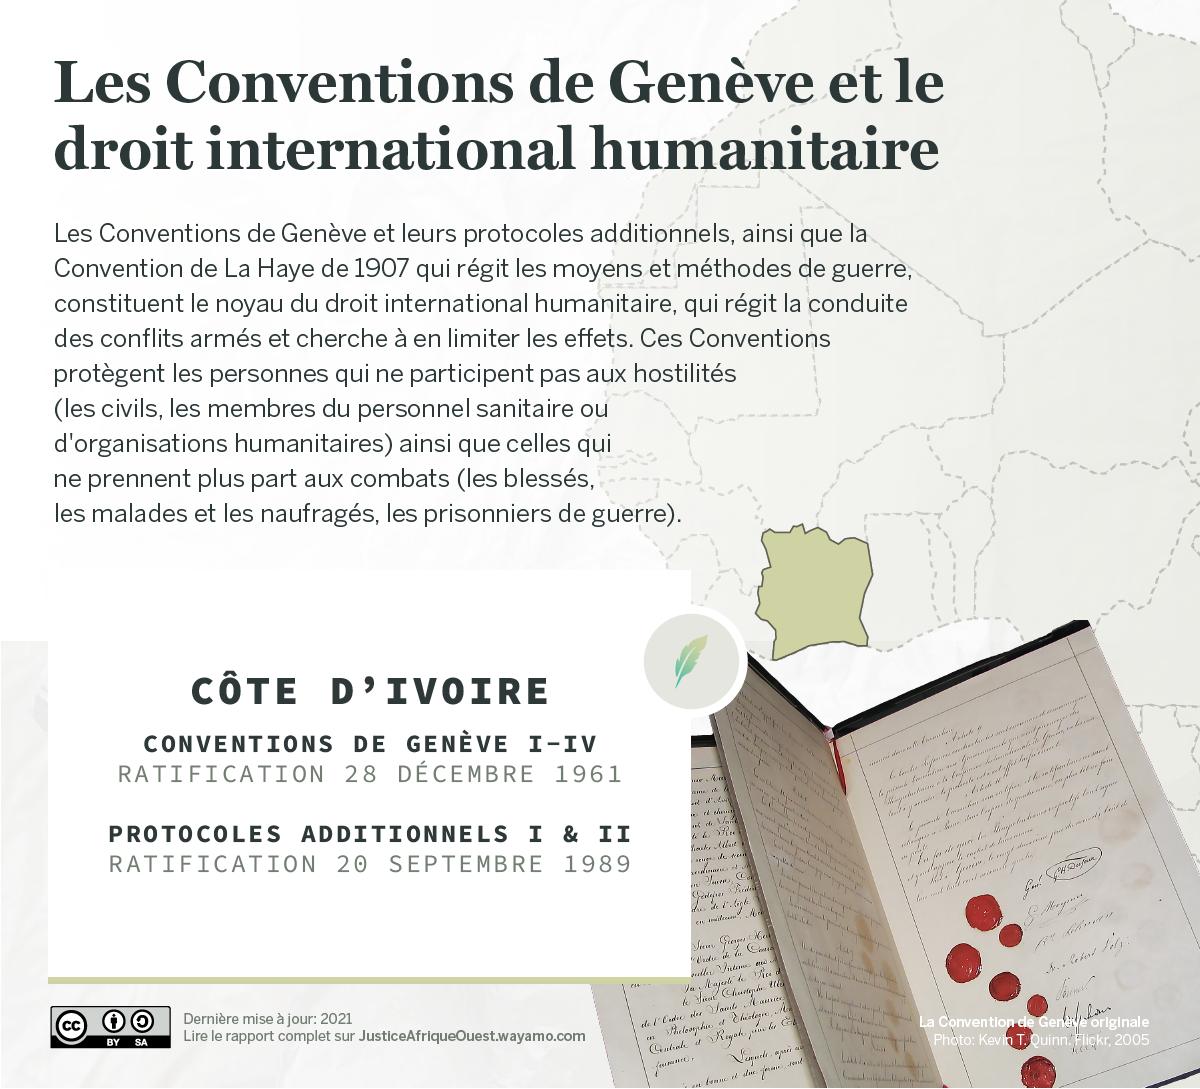 COTE D'IVOIRE_Conventions de Genève - Wayamo Foundation (CC BY-SA 4.0)